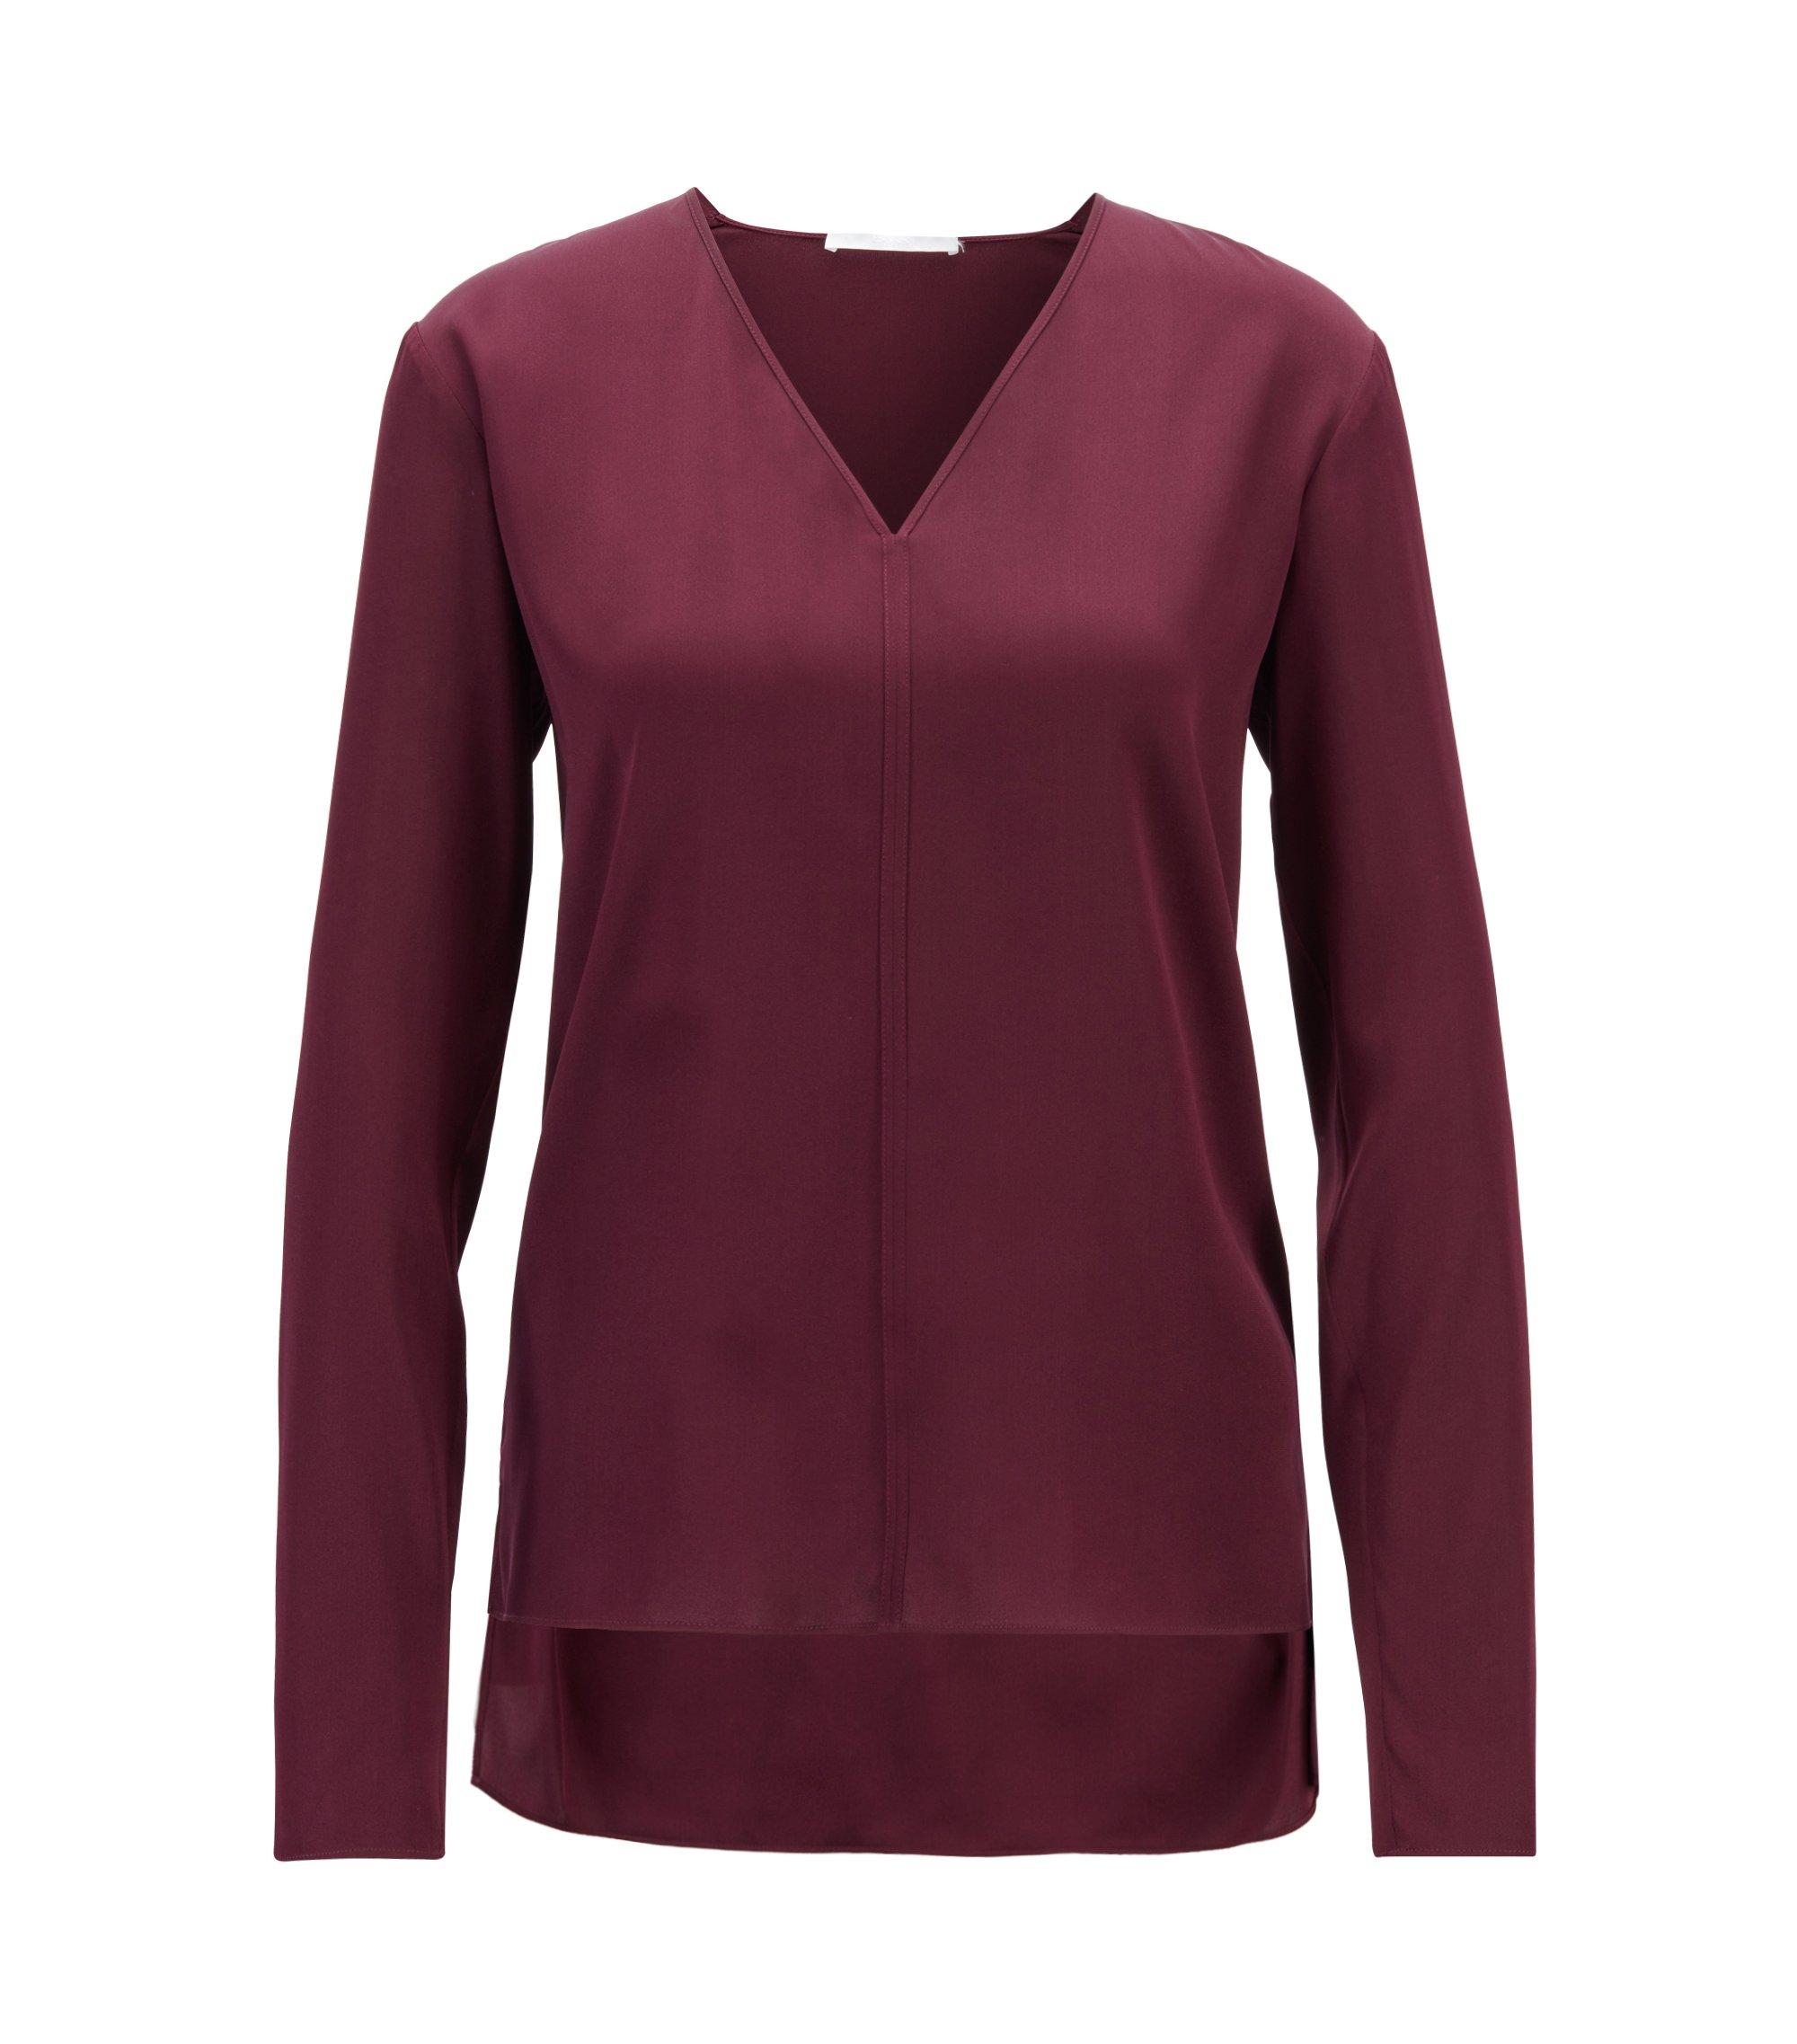 Bluse aus Stretch-Seide mit V-Ausschnitt und hinten längerem Saum, Dunkelrosa